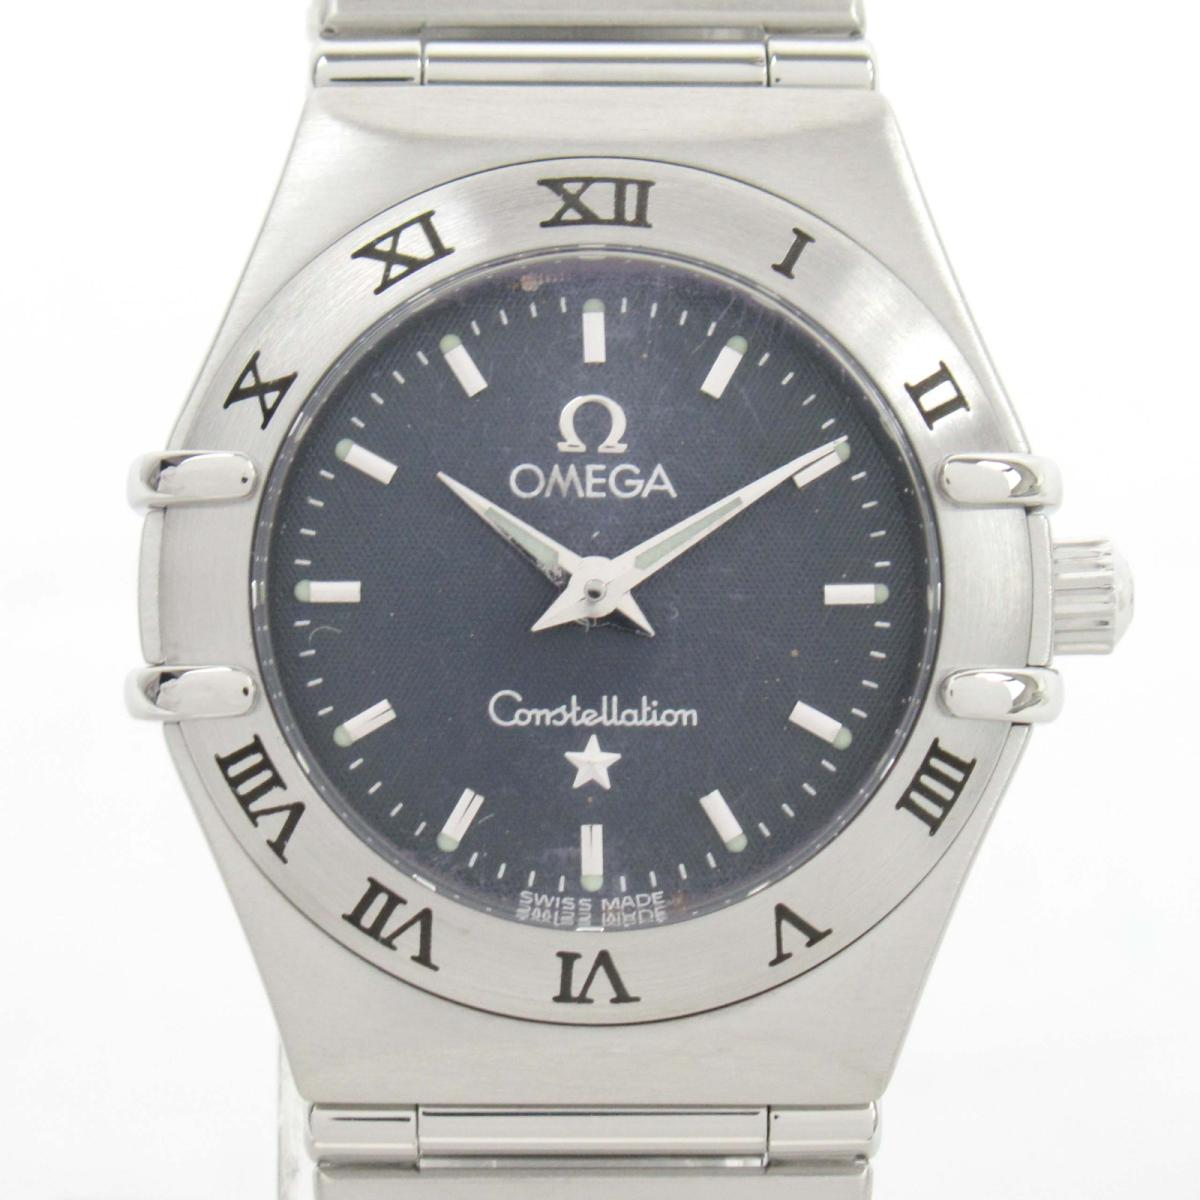 【中古】 オメガ コンステレーション ウォッチ 腕時計 レディース ステンレススチール (SS)   OMEGA BRANDOFF ブランドオフ ブランド ブランド時計 ブランド腕時計 時計